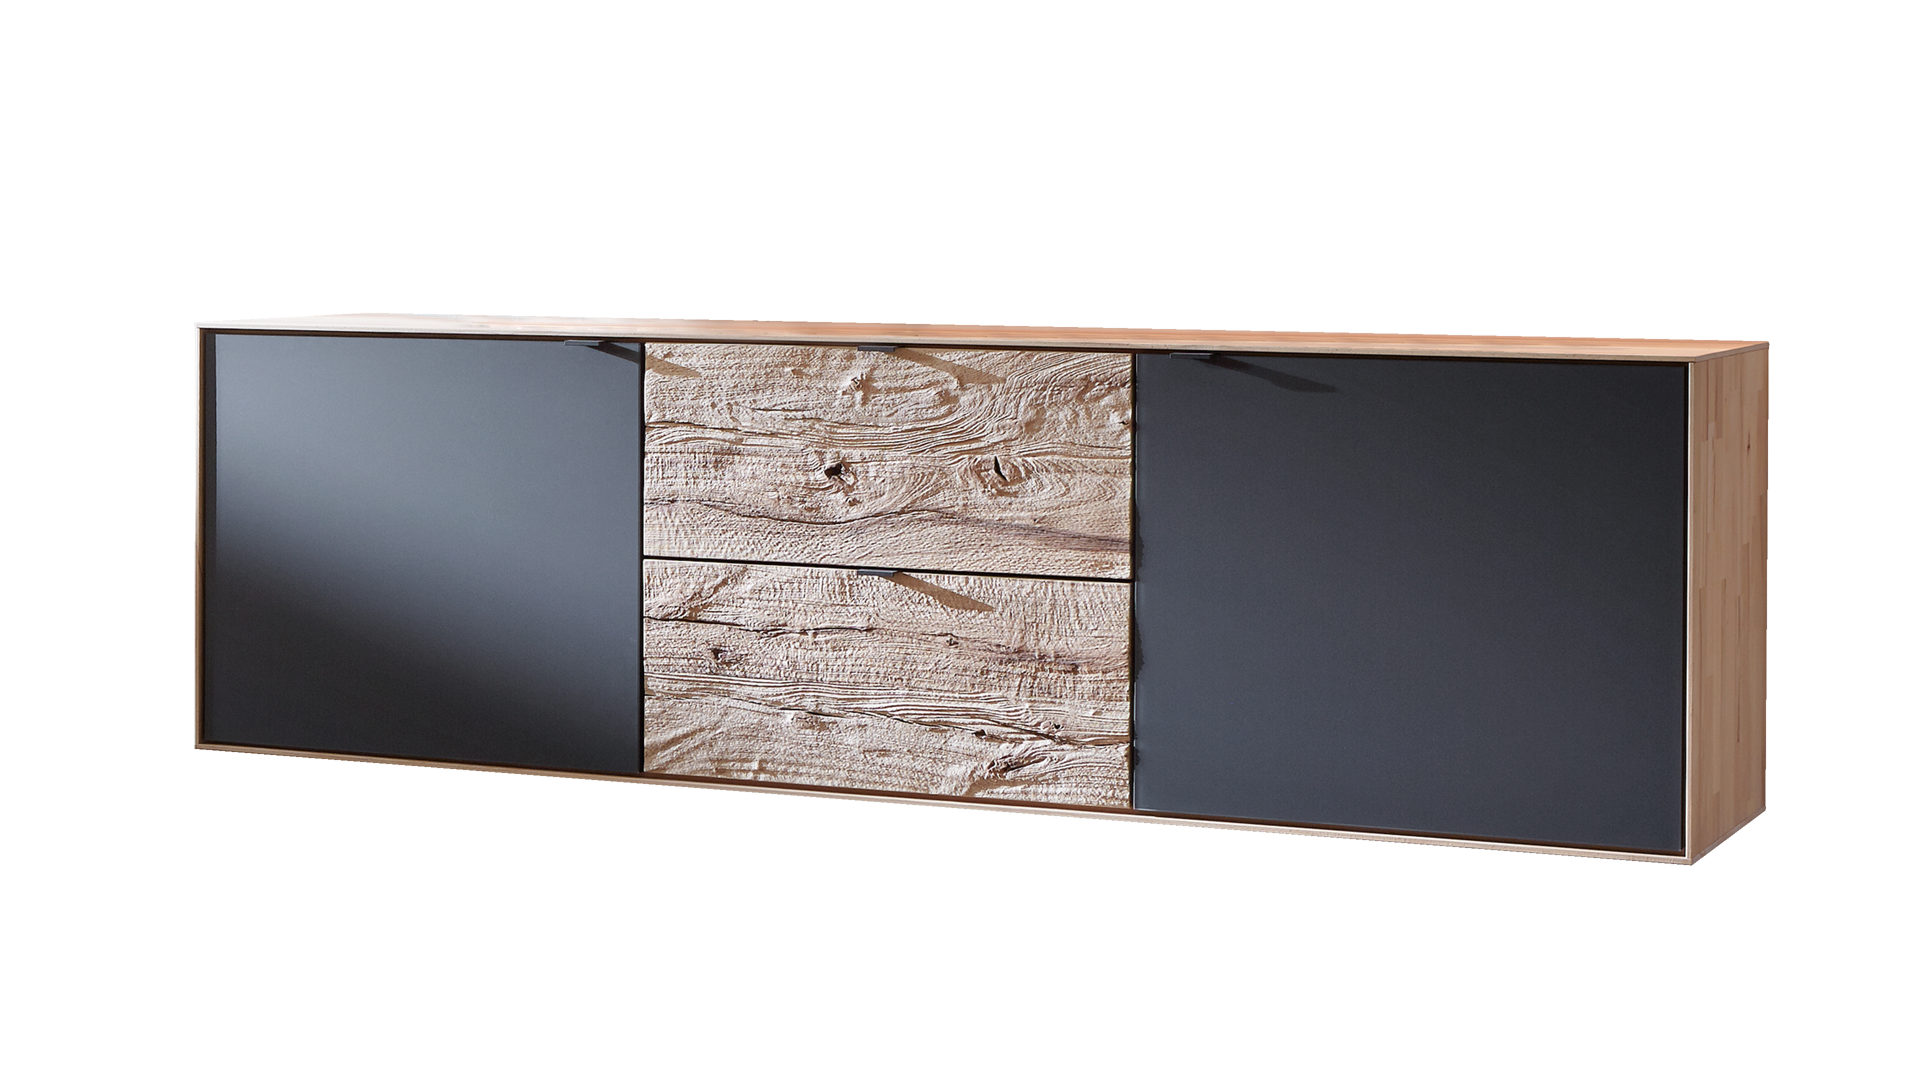 Trop Mobelabholmarkt Gmbh Raume Esszimmer Kommoden Sideboards